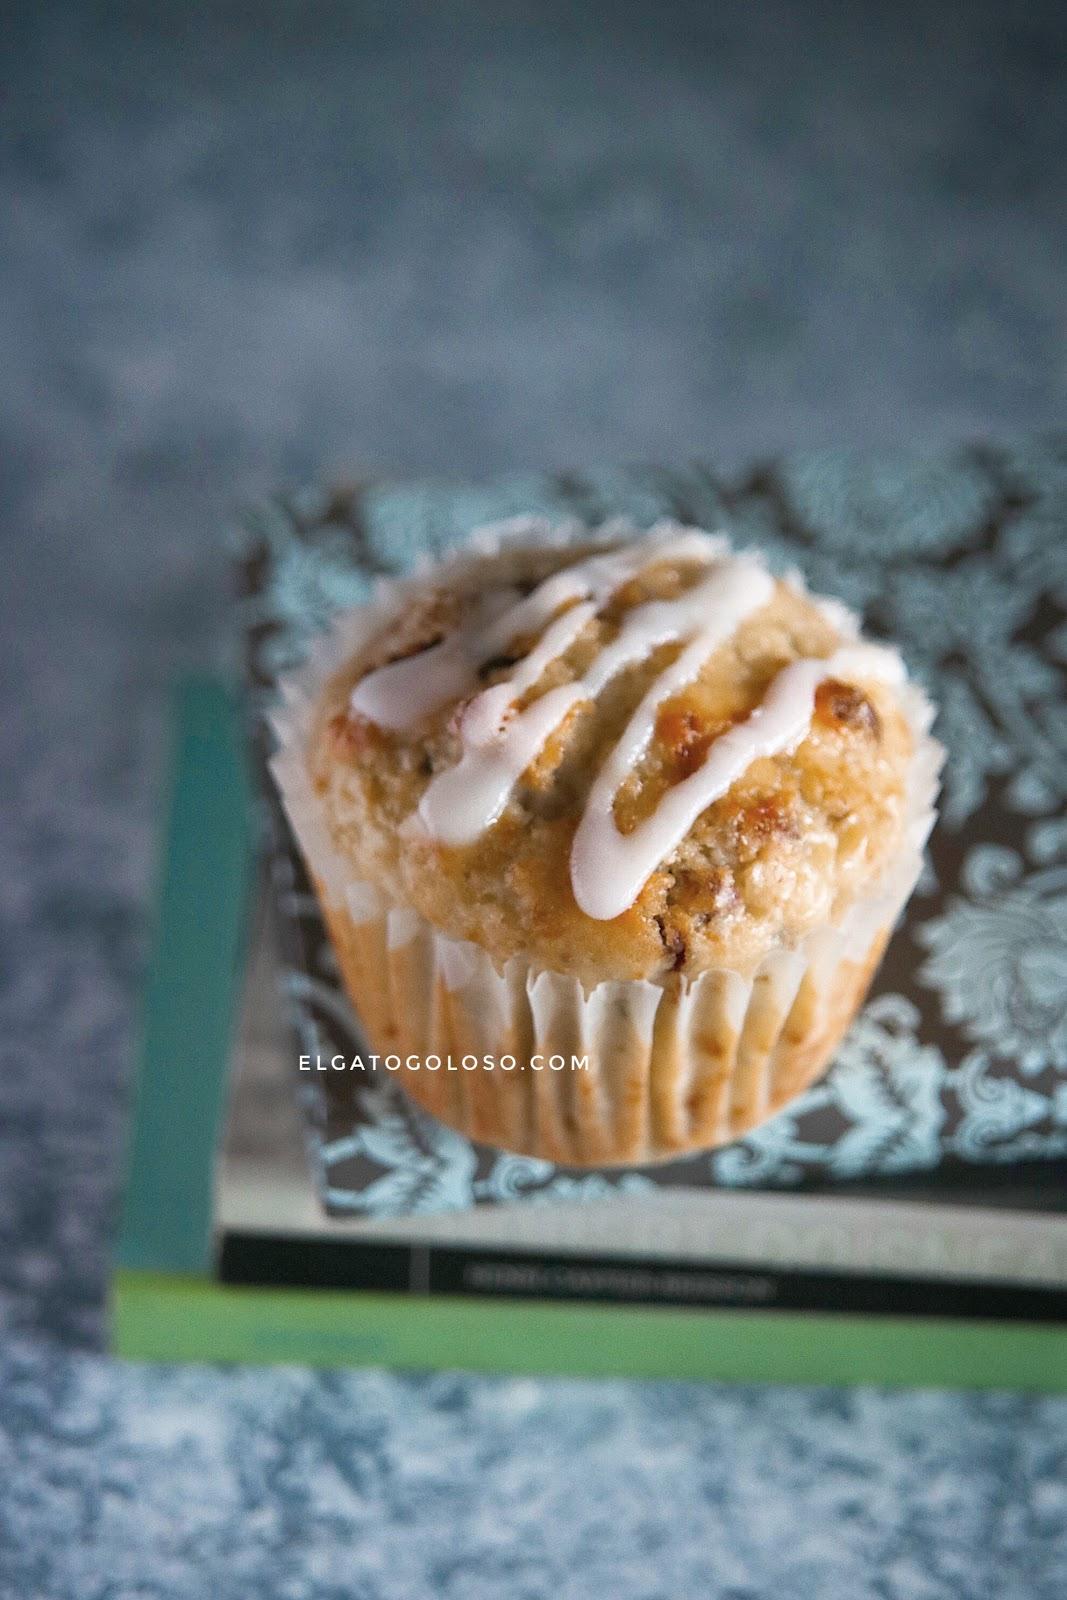 Muffins de calabacín y limón perfectos para la merienda, receta vía elgatogoloso.com